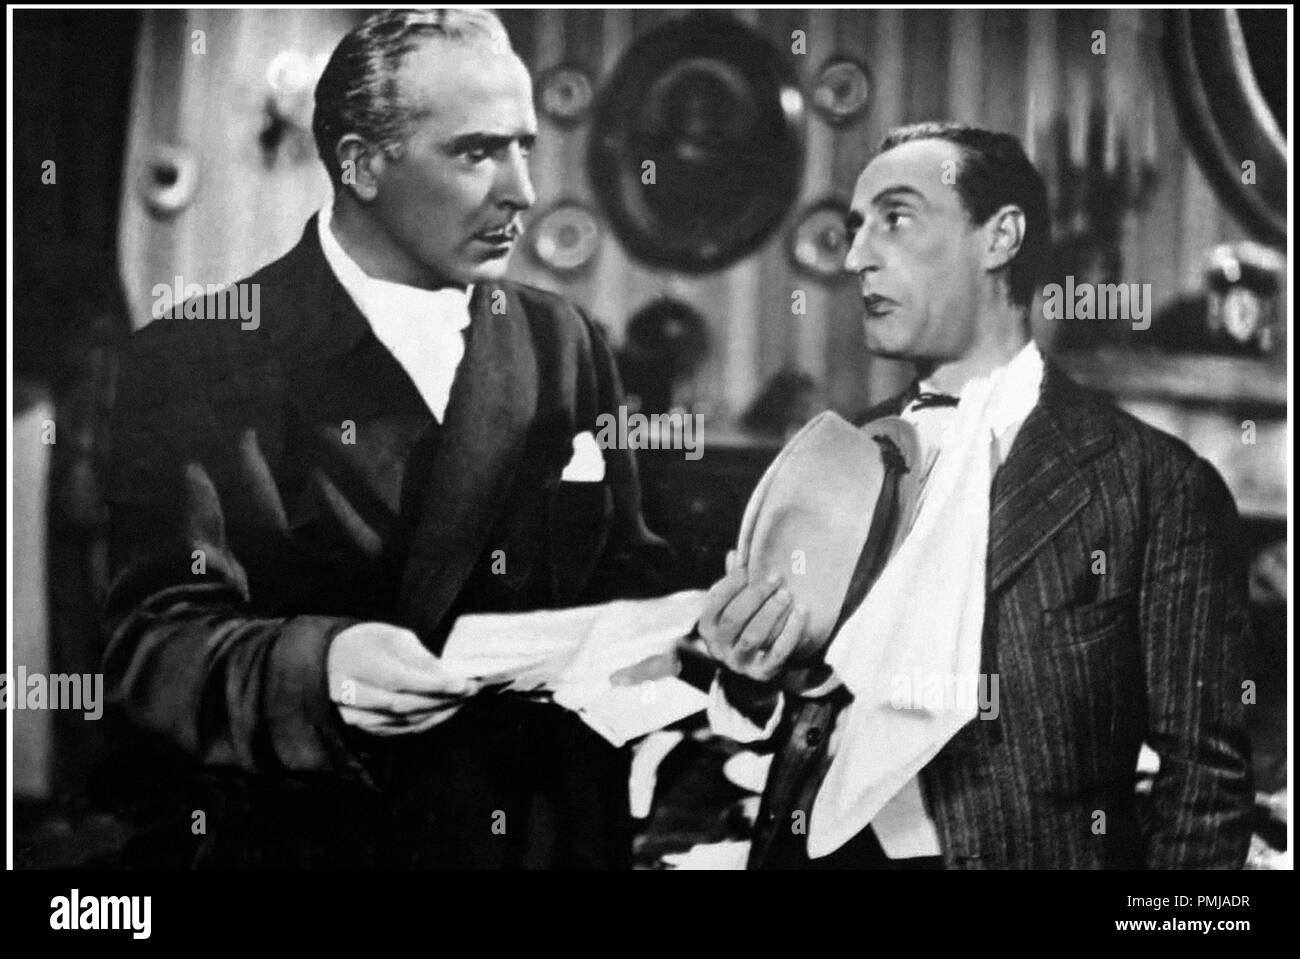 Prod DB © Fono Roma - Produzione Capitani Film / DR L'allegro fantasma de Amleto Palermi 1941 ITA. avec Luigi Pavese et toto Immagini Stock